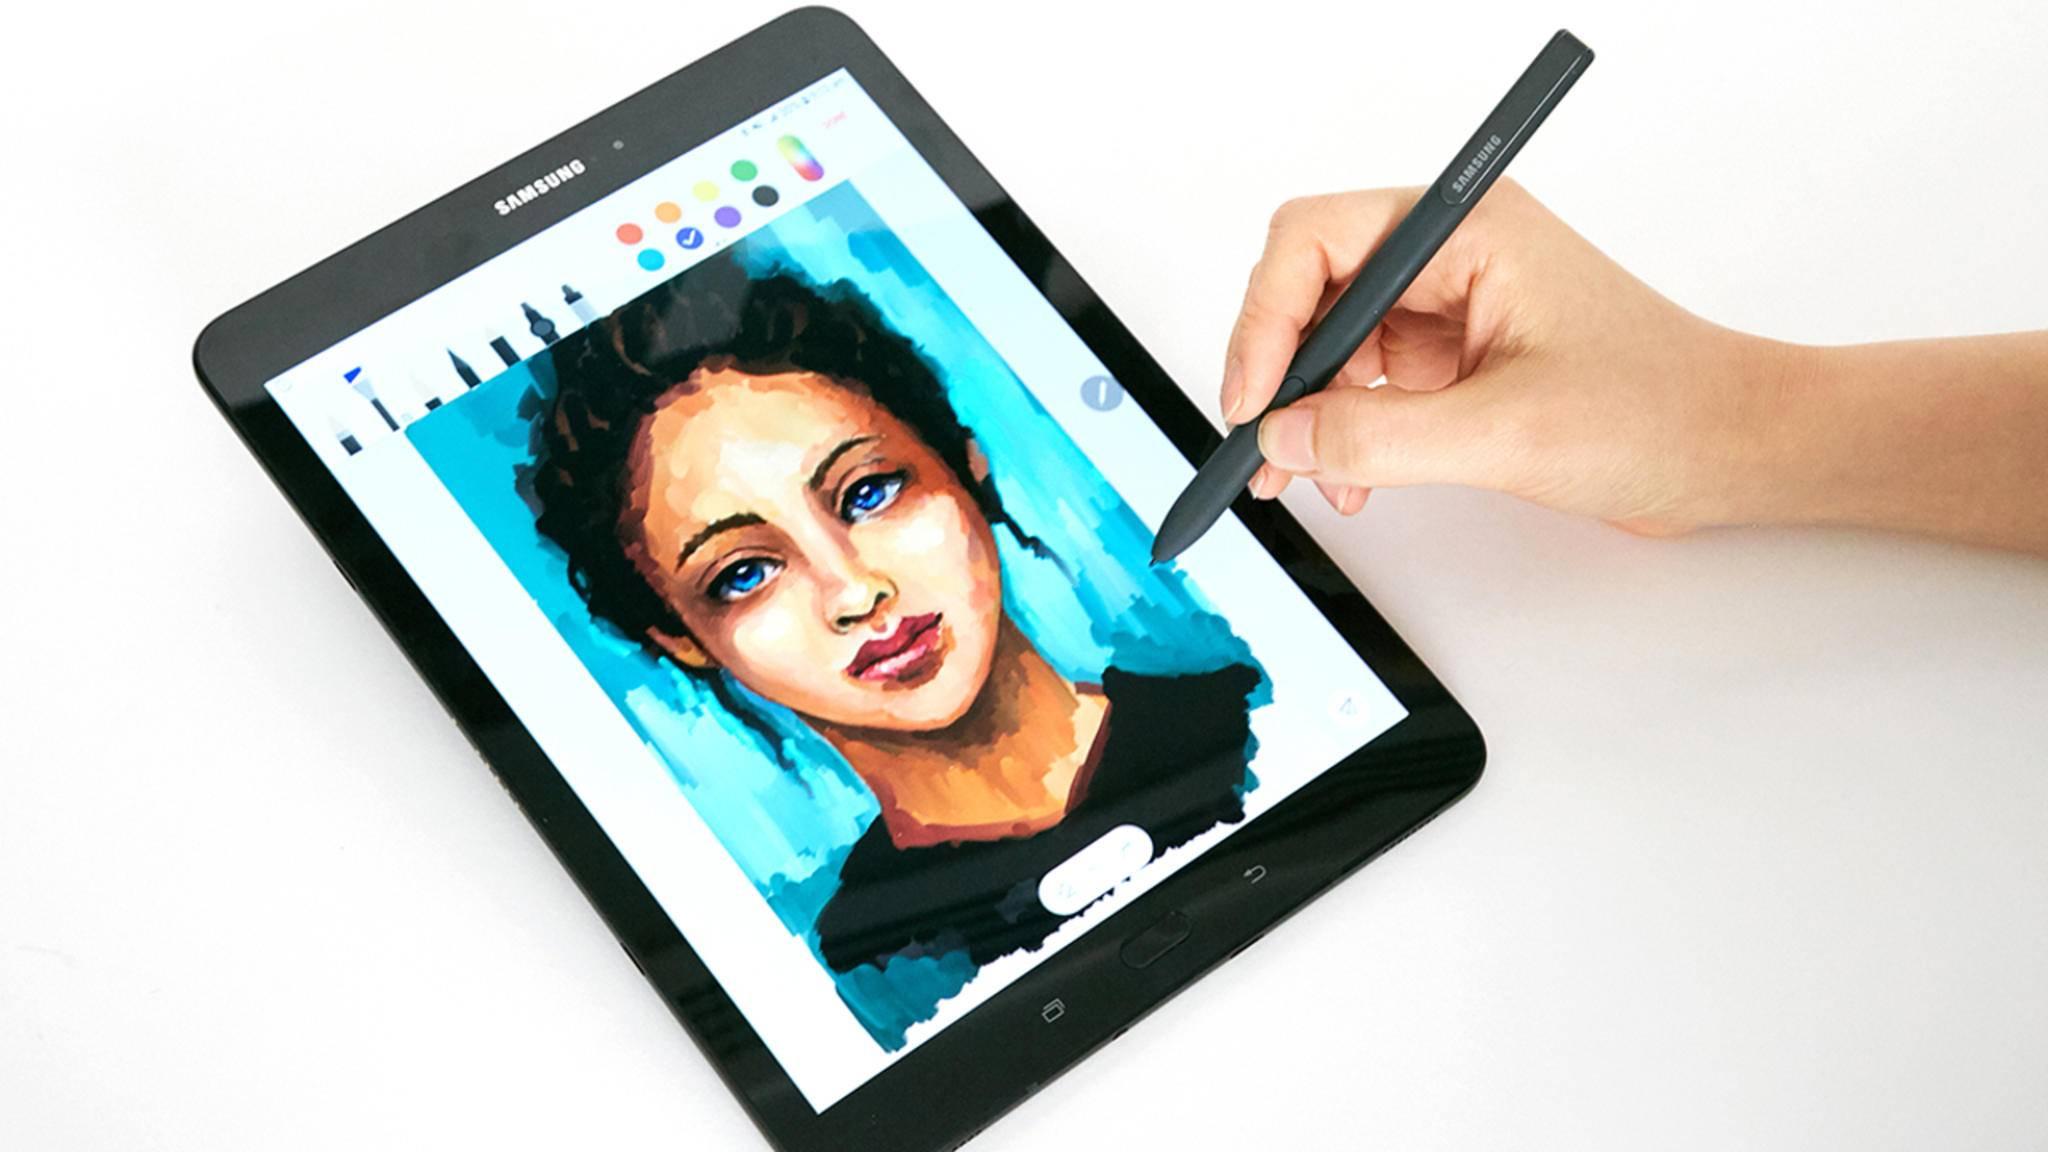 Das Galaxy Tab S3 von Samsung war die wichtigste Neuvorstellung des koreanischen Herstellers.